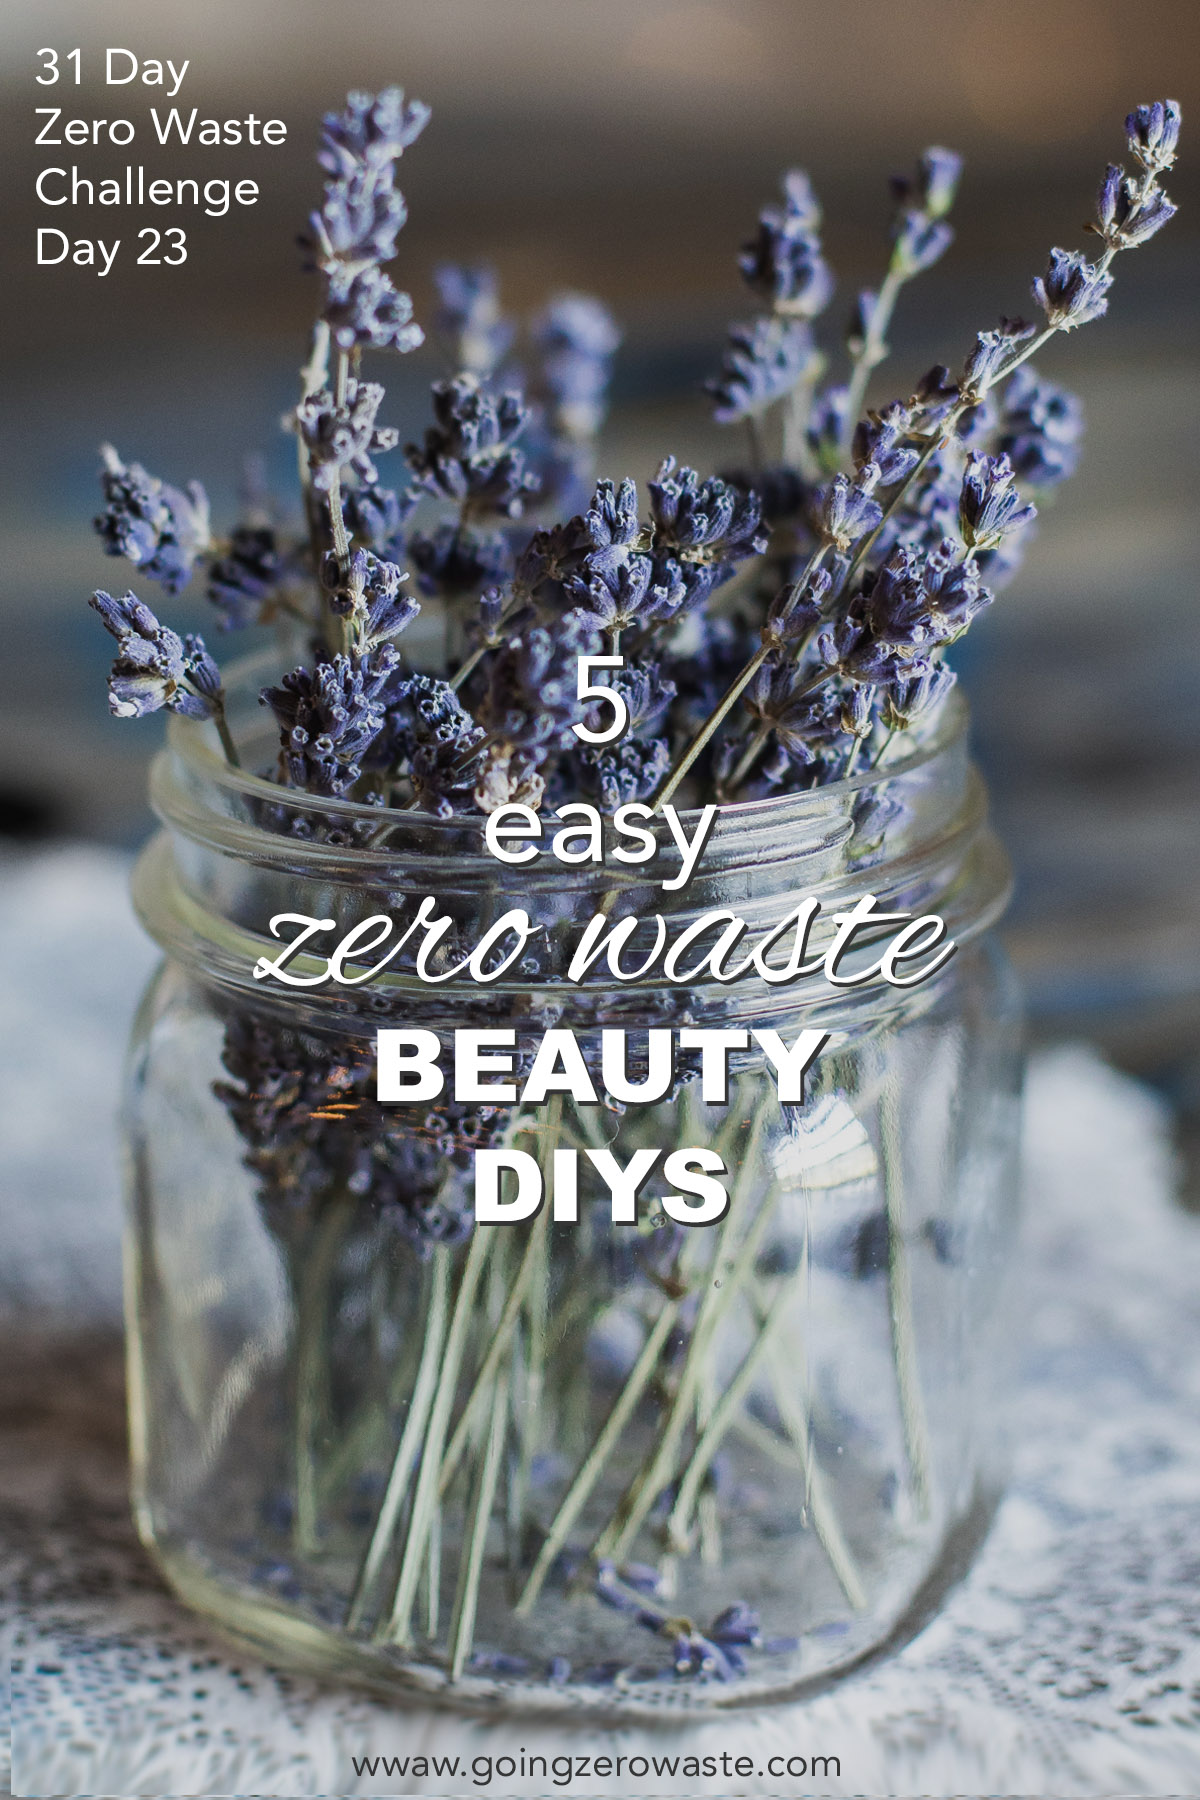 5 Easy, Zero Waste Beauty DIYS from www.goingzerowaste.com 31 Day Zero Waste Challenge #zerowaste #zerowastechallenge #beauty #DIY